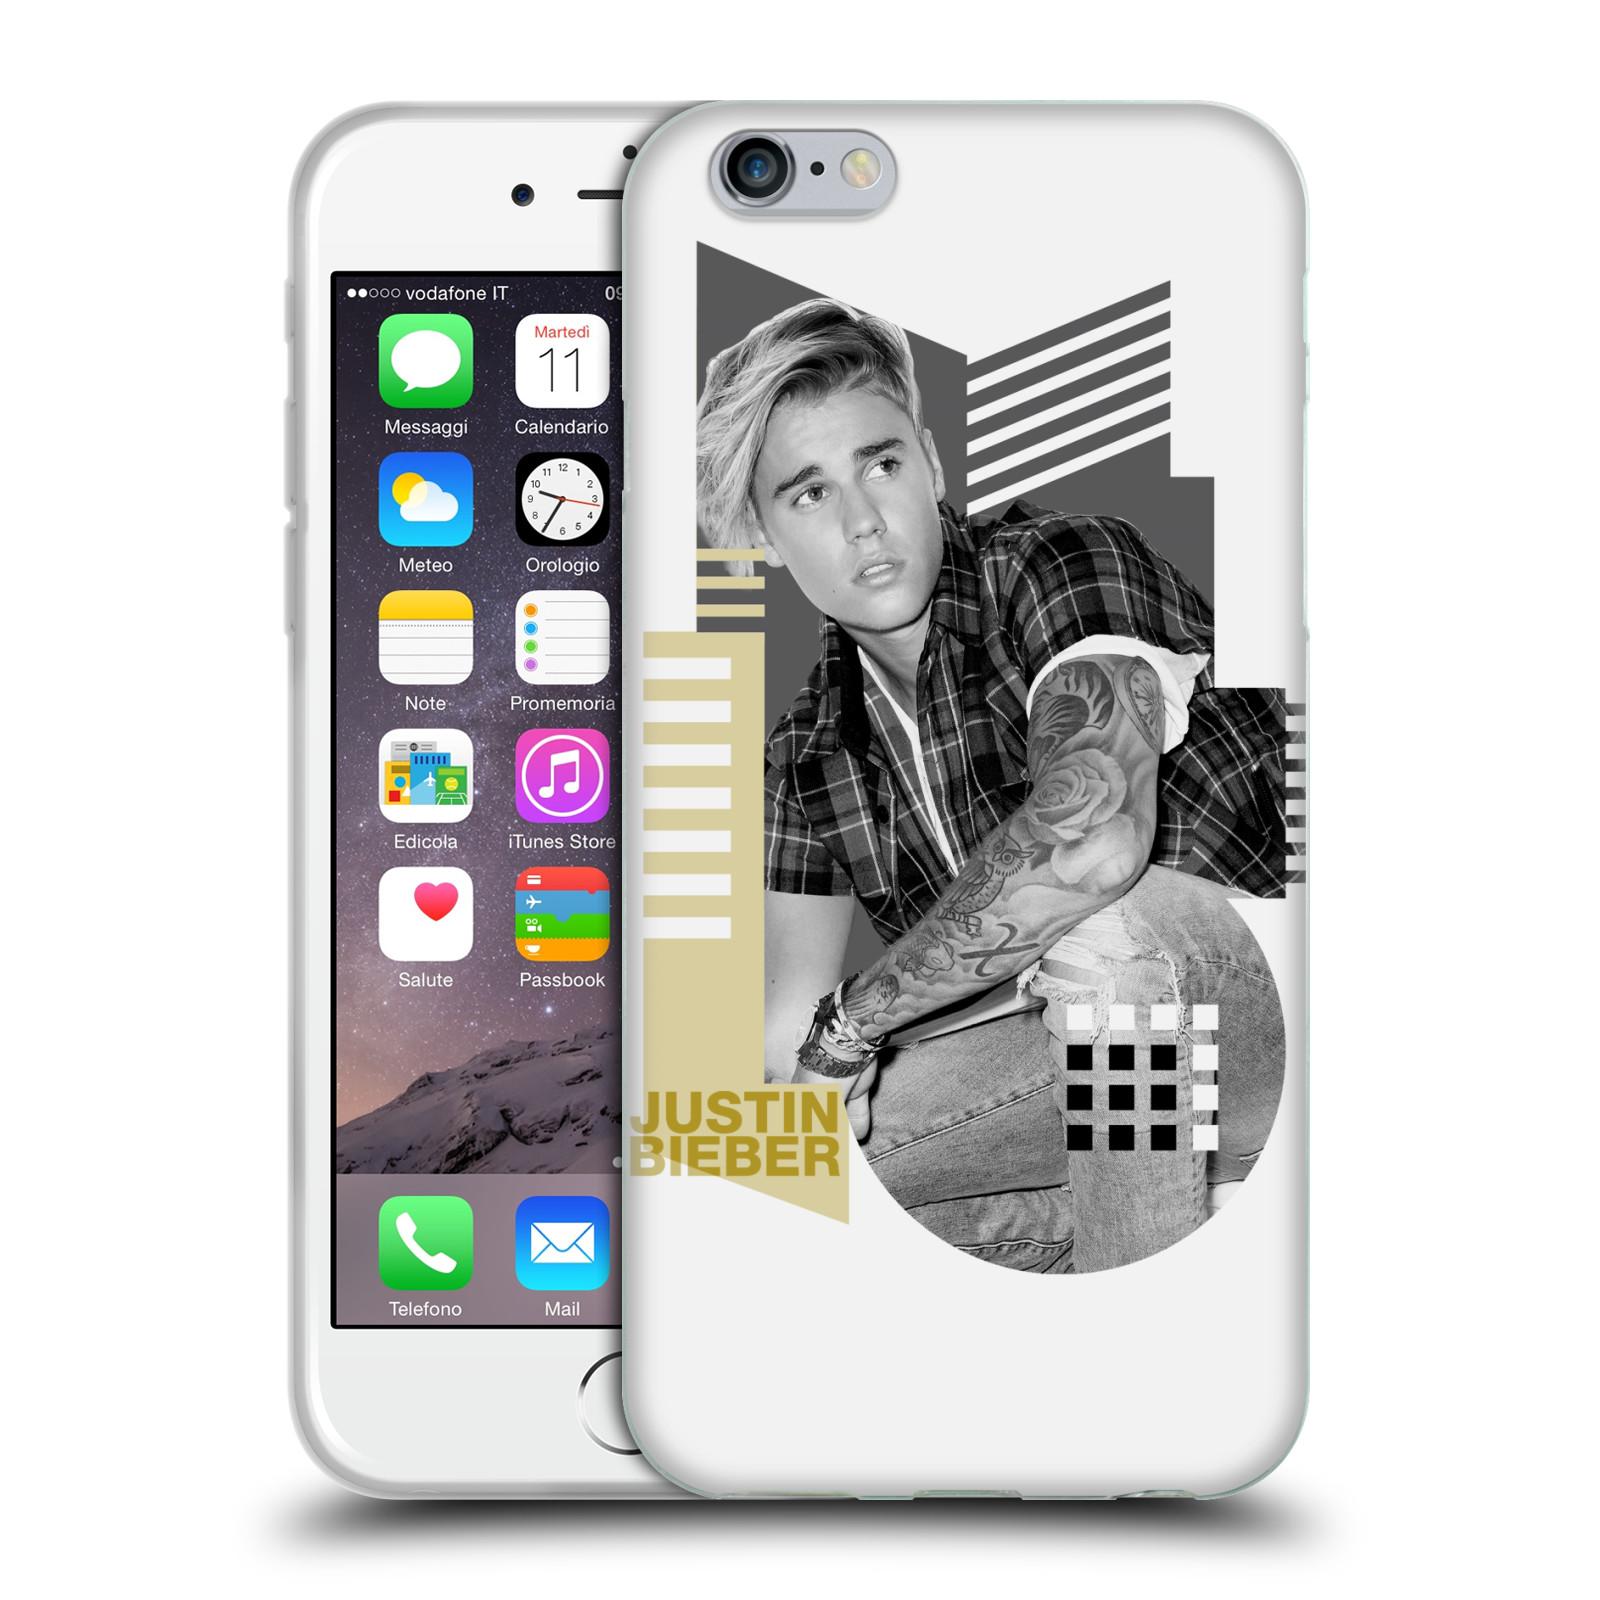 HEAD CASE silikonový obal na mobil Apple Iphone 6 / 6S originální potisk Justin Bieber tvary foto